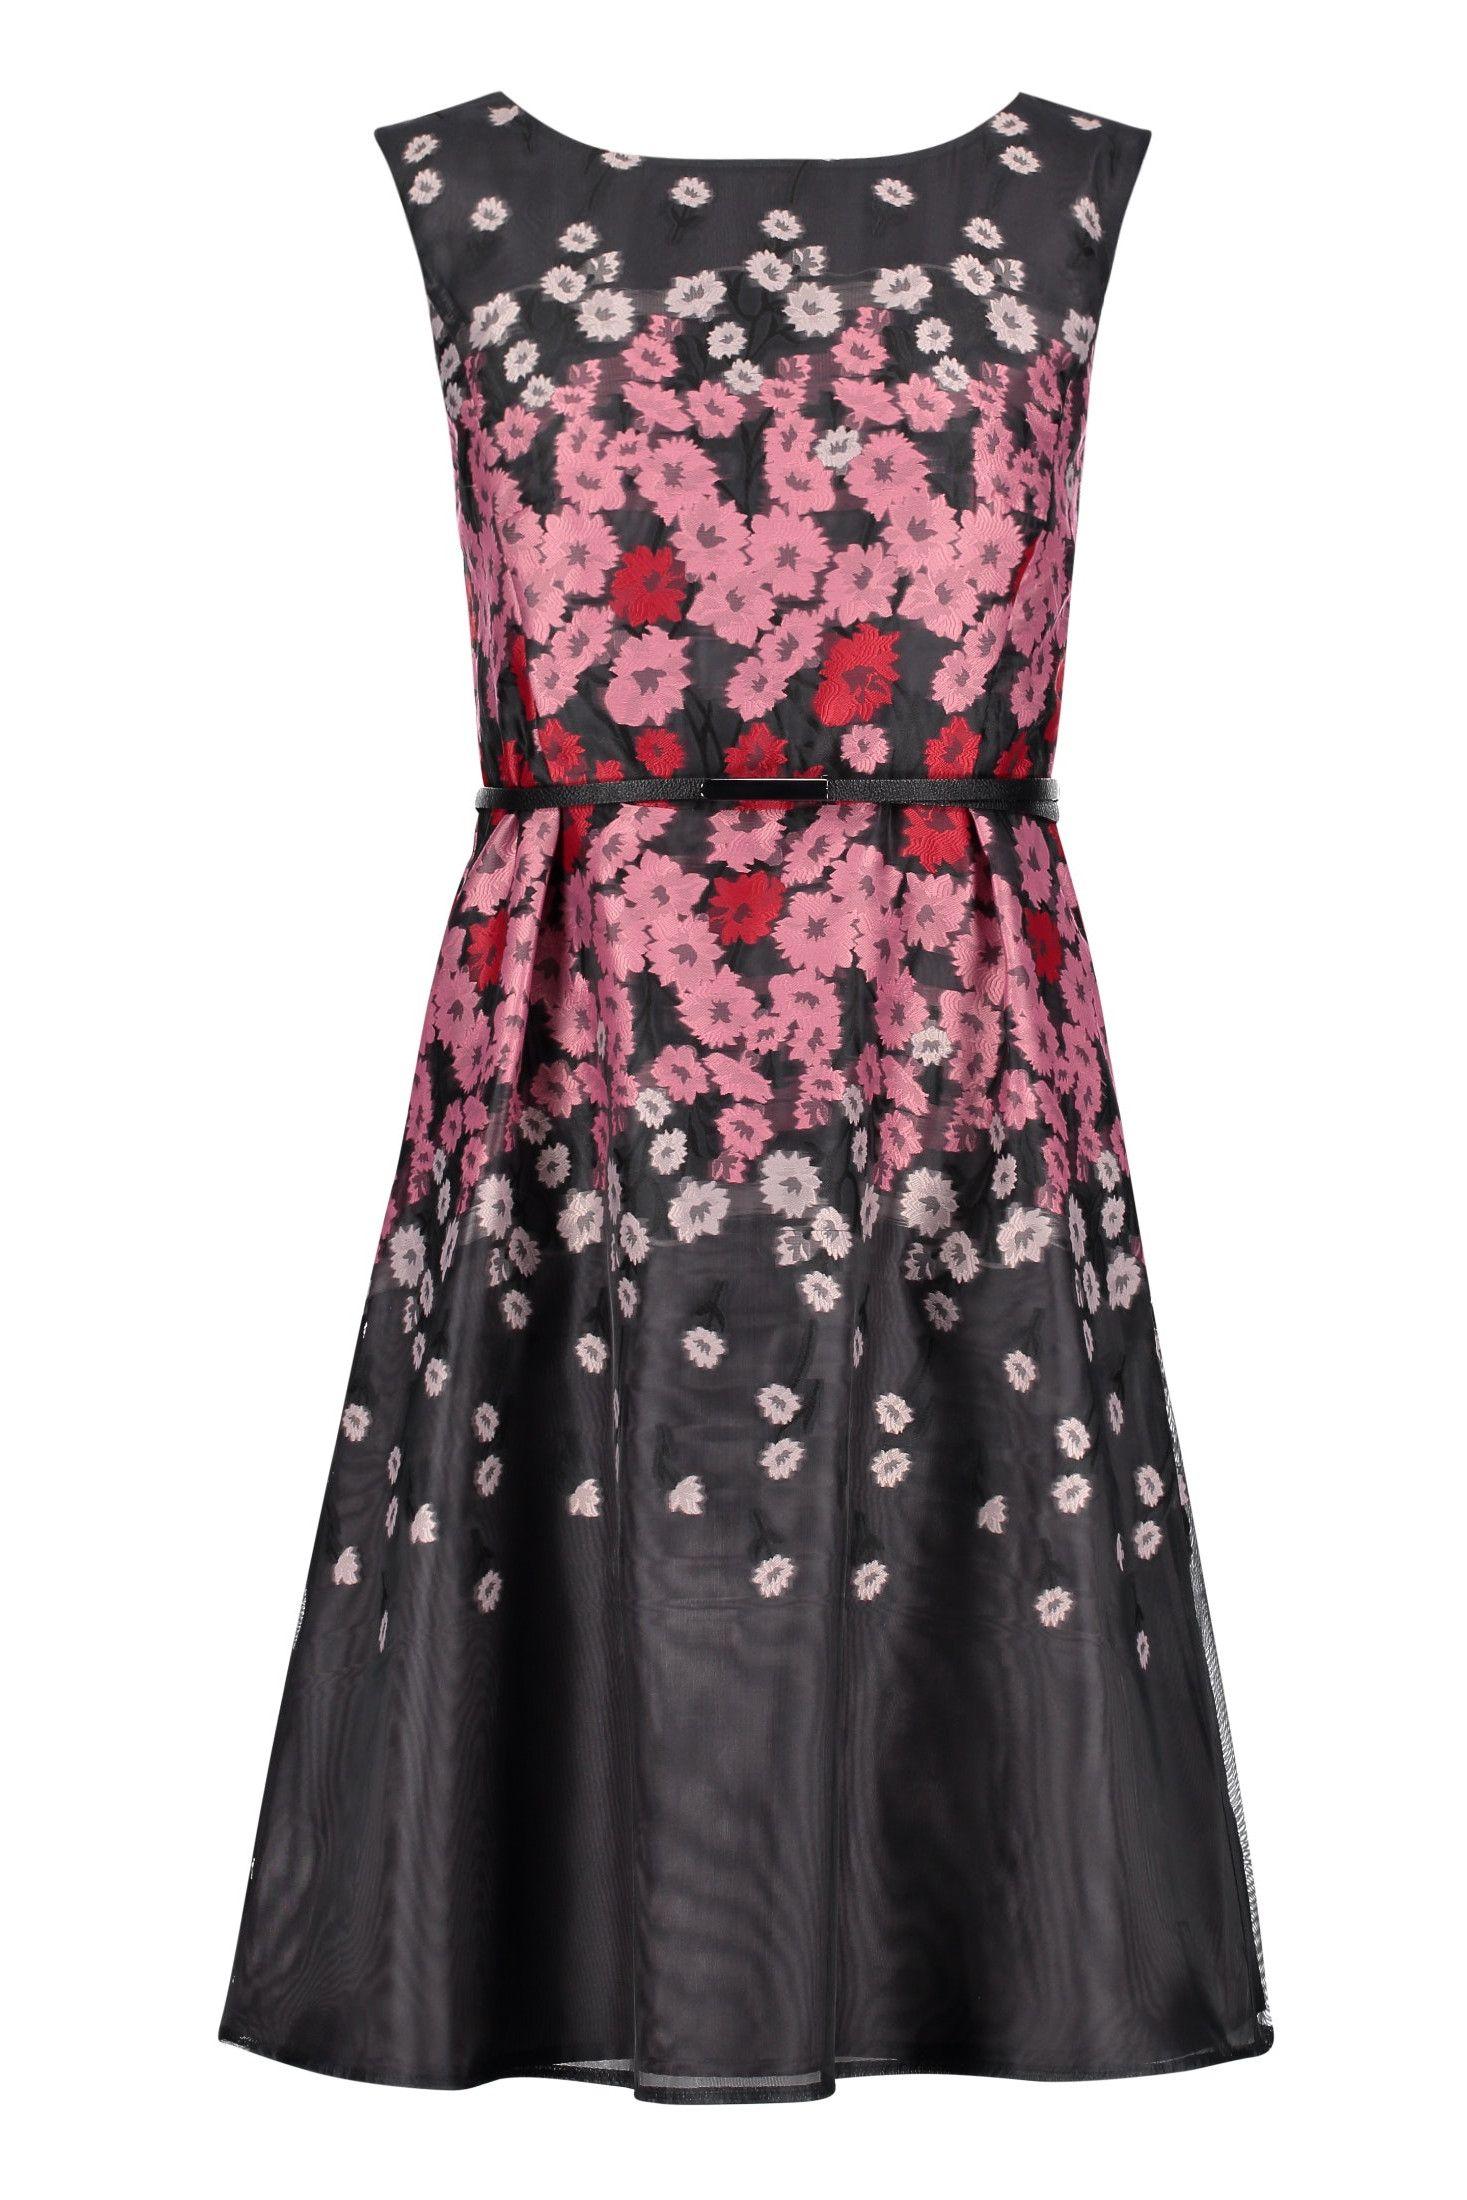 Pin von TS auf Dresses  Etuikleid, Kleider, Kleid blumenmuster